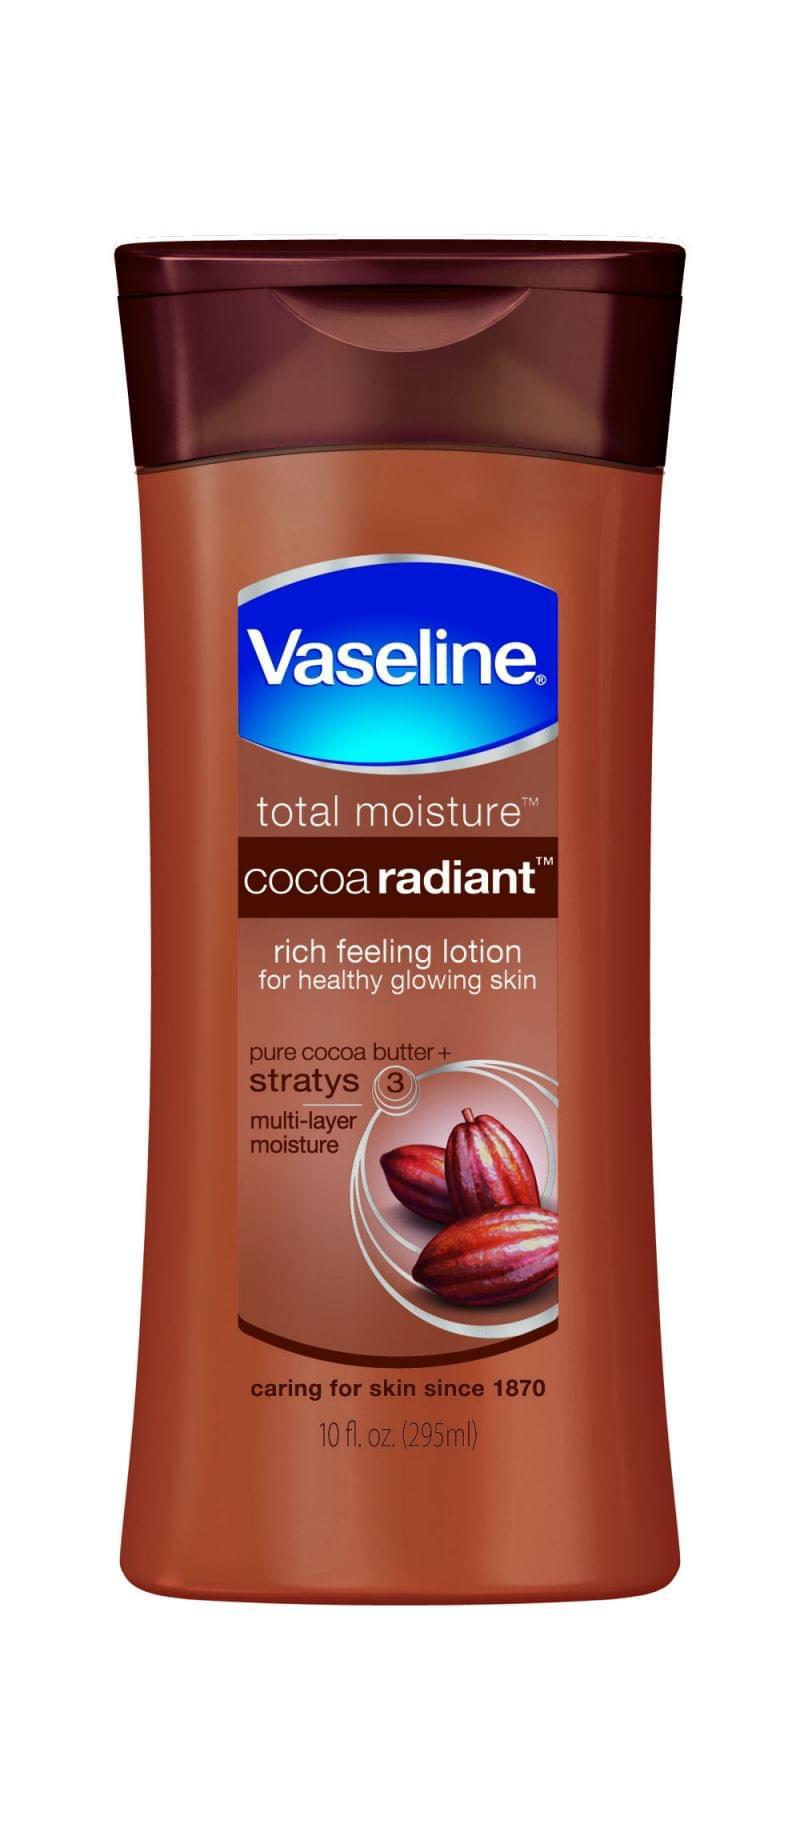 Cocoa Radiant Lotion pour le corps, Vaseline - Infos et avis